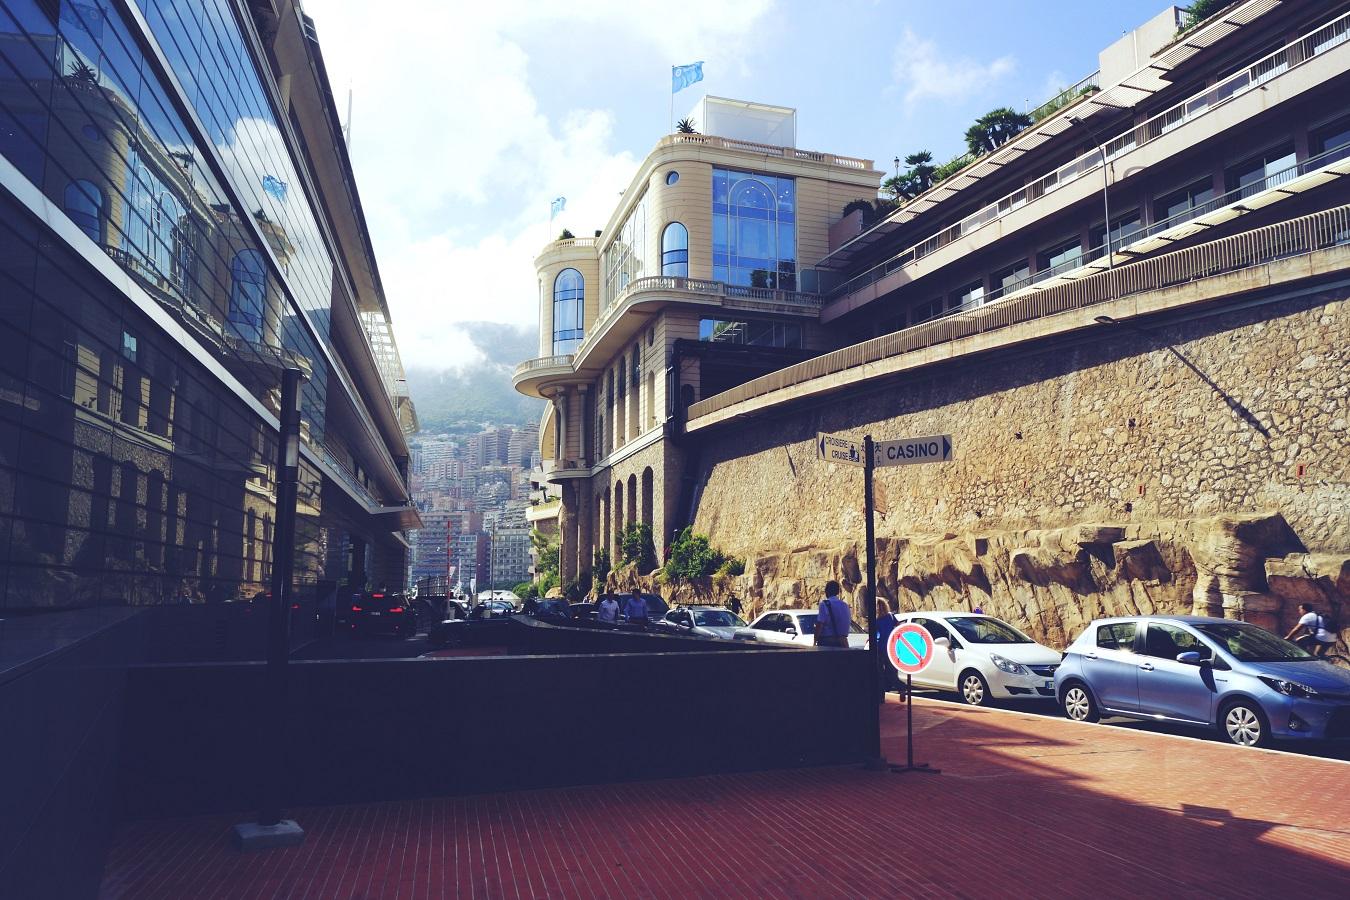 Monte Carlo casino visit